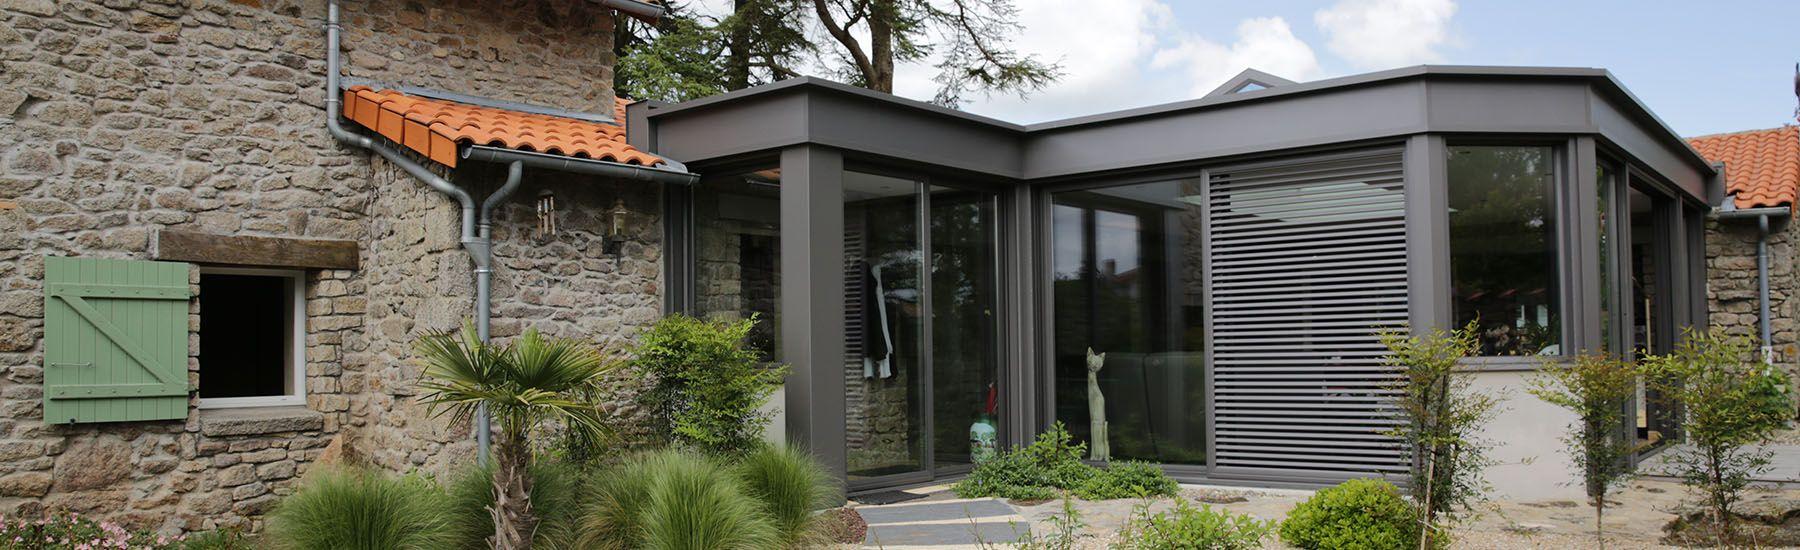 extanxia, véranda concept alu, vue extérieur avec mur en pierre et ...